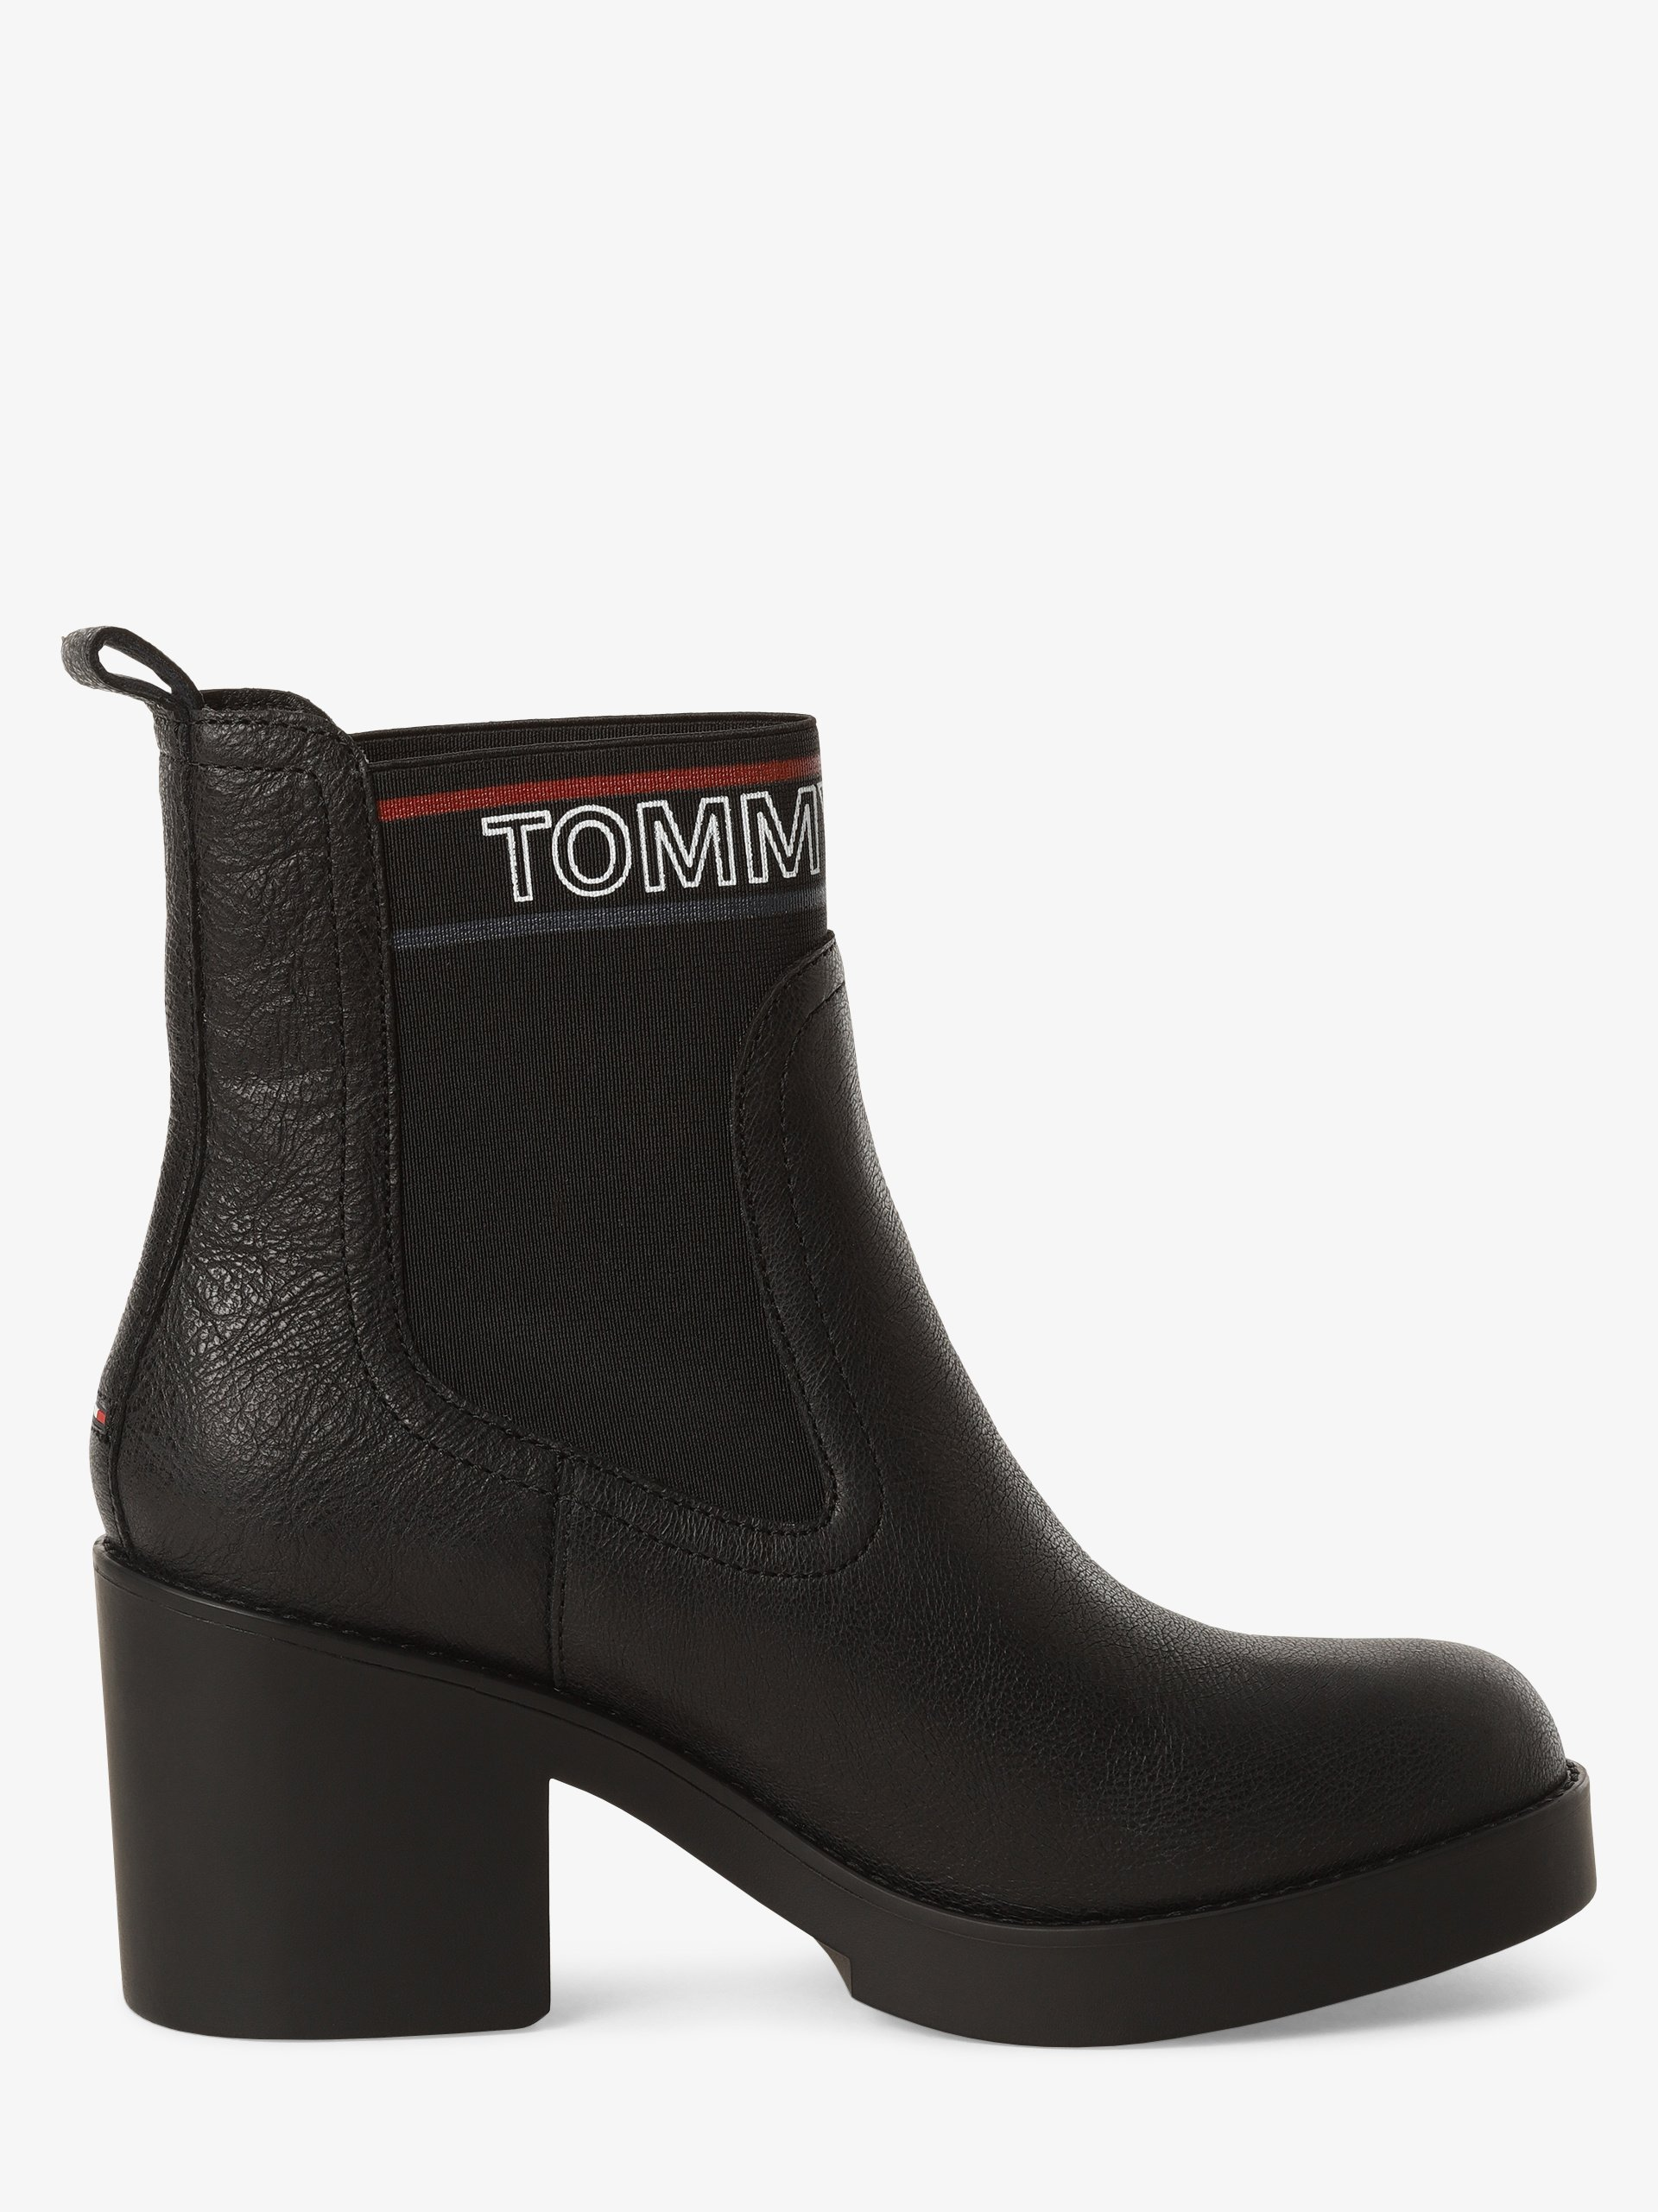 Tommy Jeans Damen Stiefeletten mit Leder-Anteil